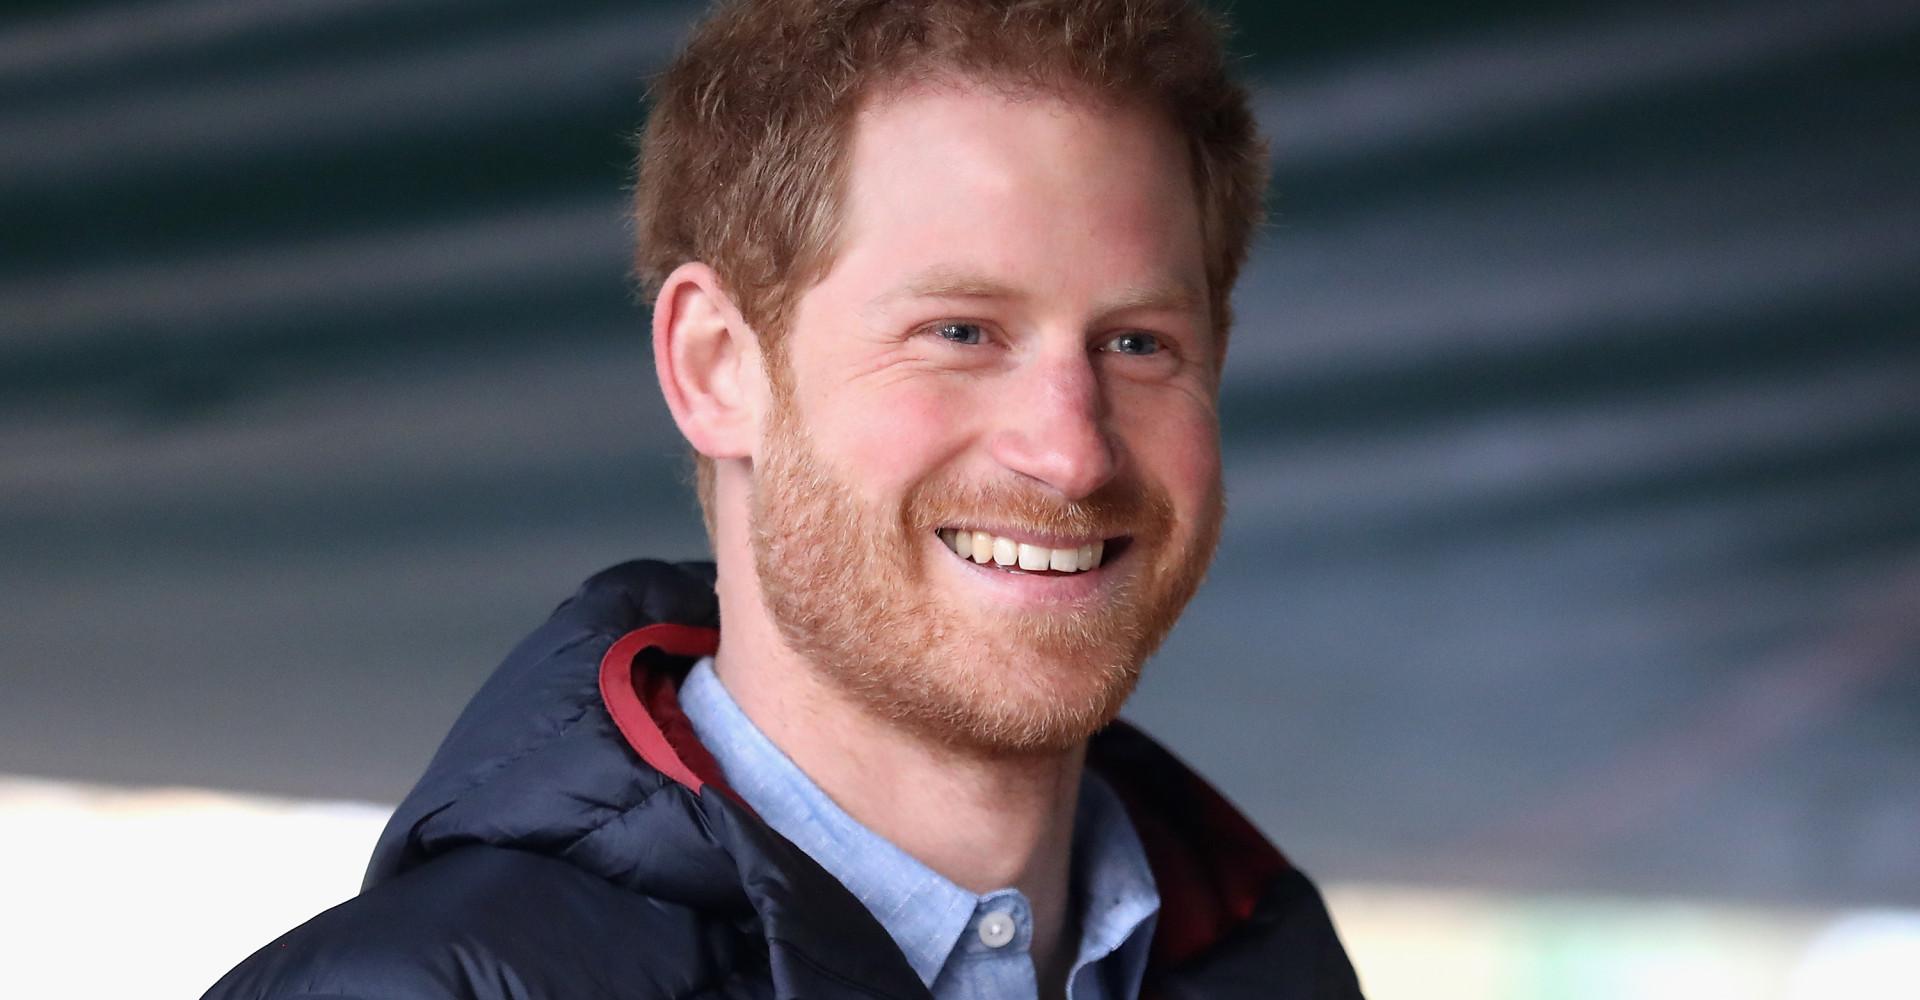 Prinssi Harry liittyy julkkistuottajien rivistöön